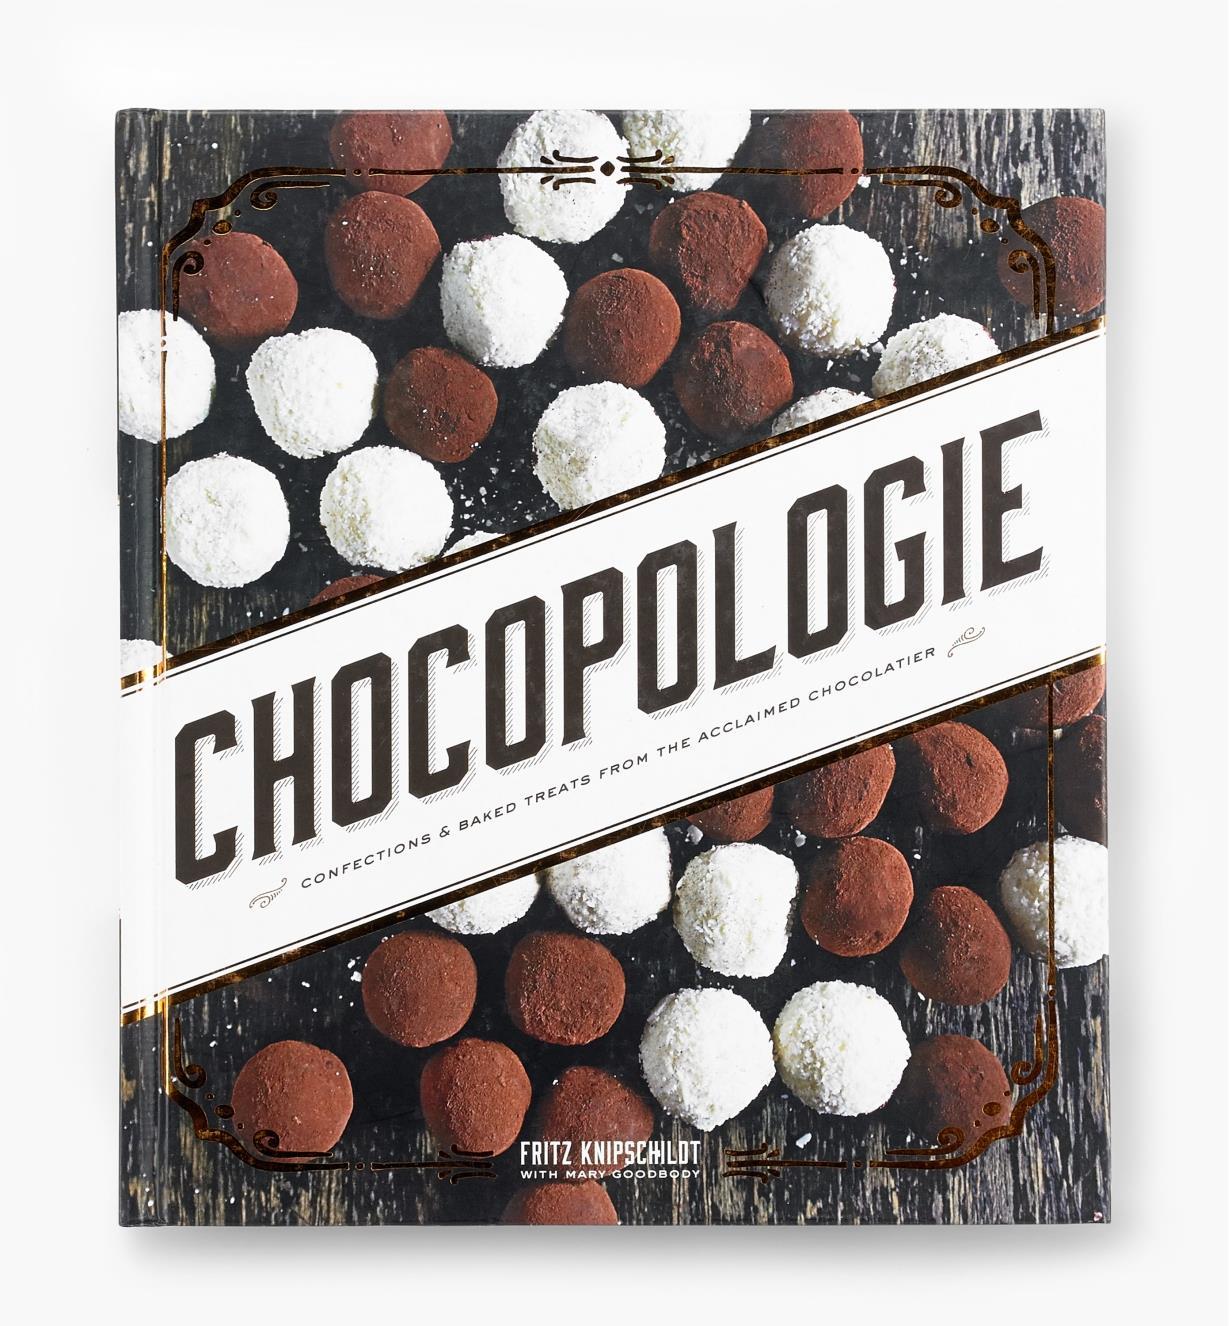 99W7689 - Chocopologie